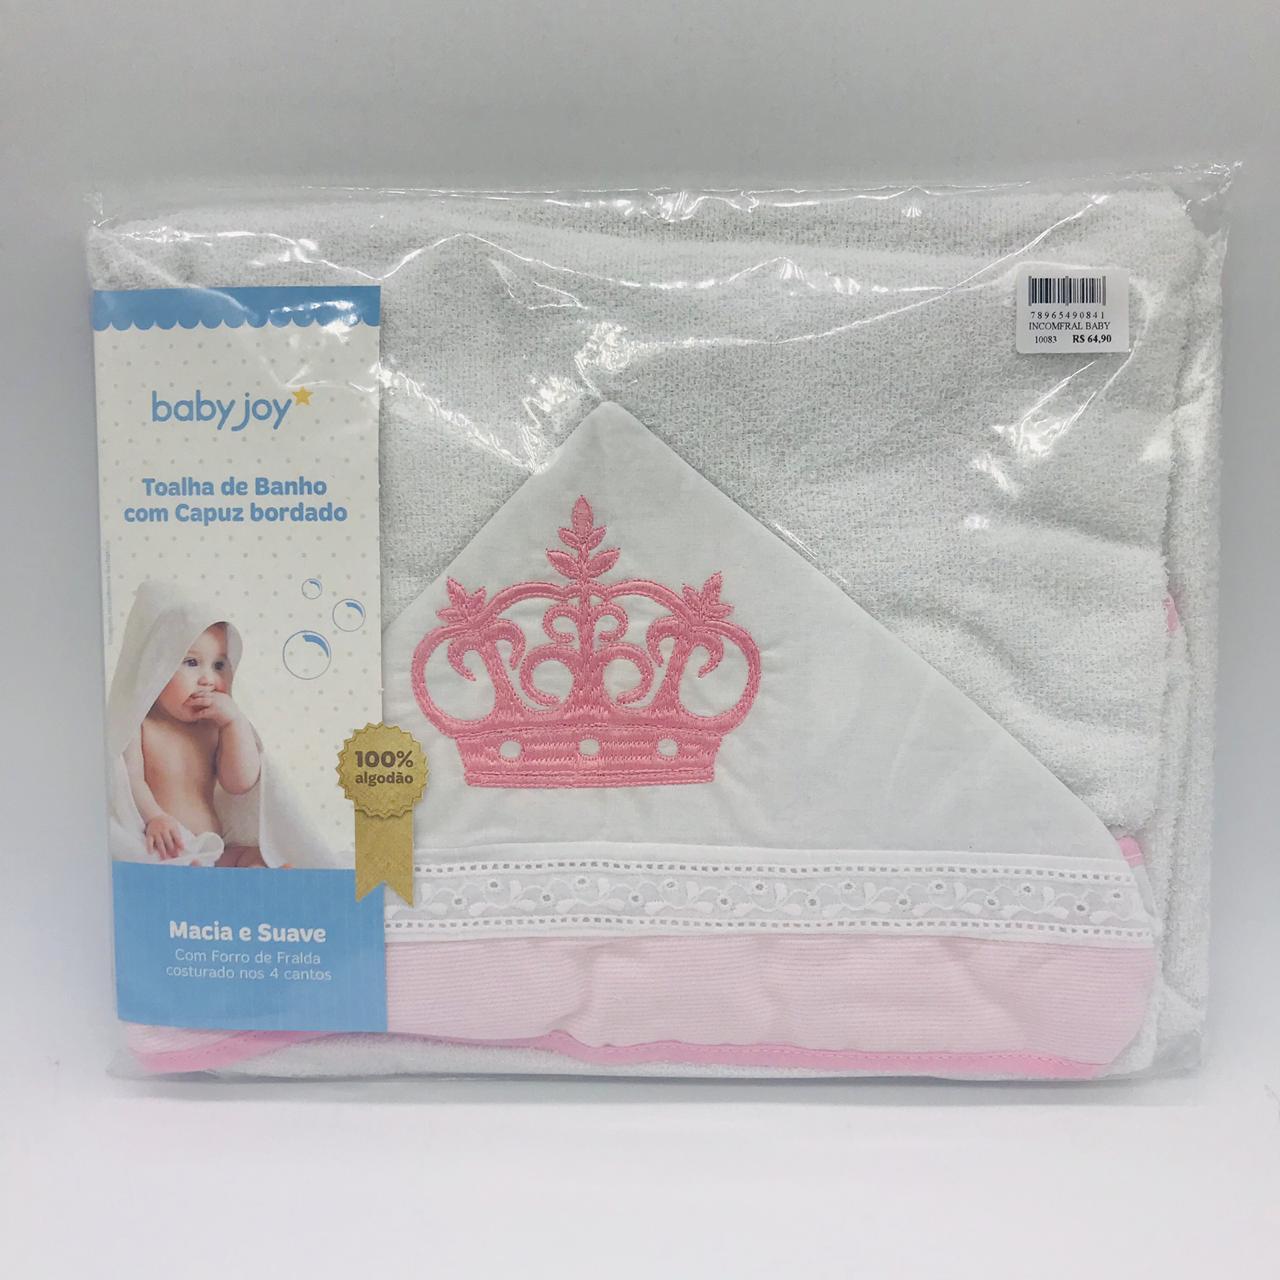 Toalha Com Capuz Bordado Coroa Rosa - Minasrey Ref 04043302010003